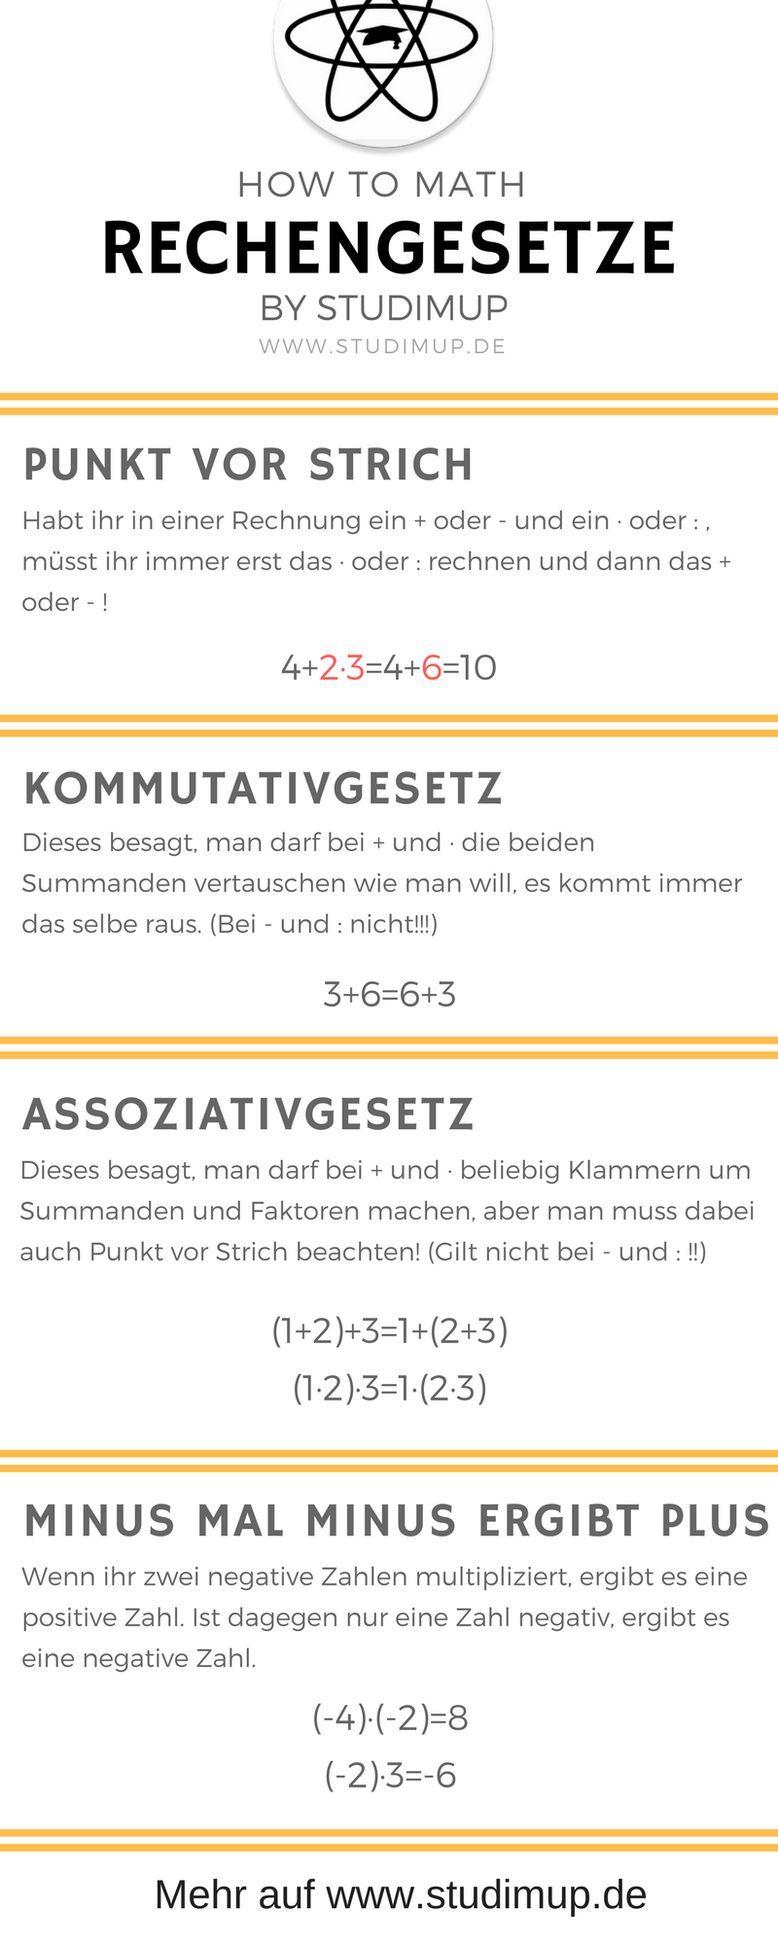 Die wichtigsten Rechengesetze in der Mathematik zusammengefasst in ...